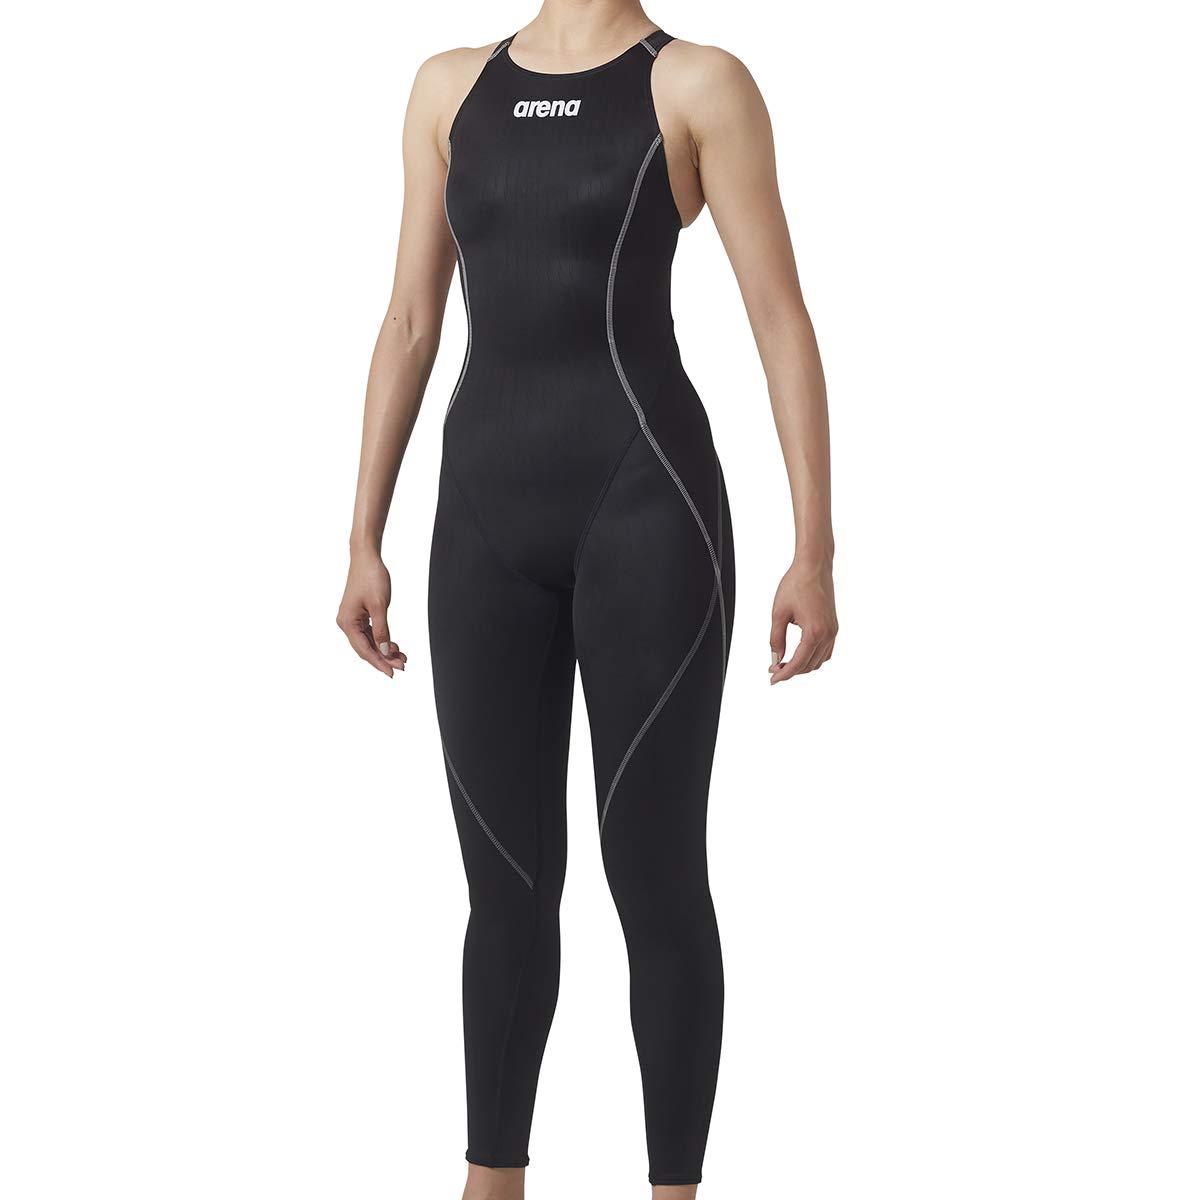 arena(アリーナ) トレーニング 競泳用 水着 レディース ロングスパッツ SAR-8143W Medium (BKGY)ブラック×シルバー×グレイ B07JGZVQ75